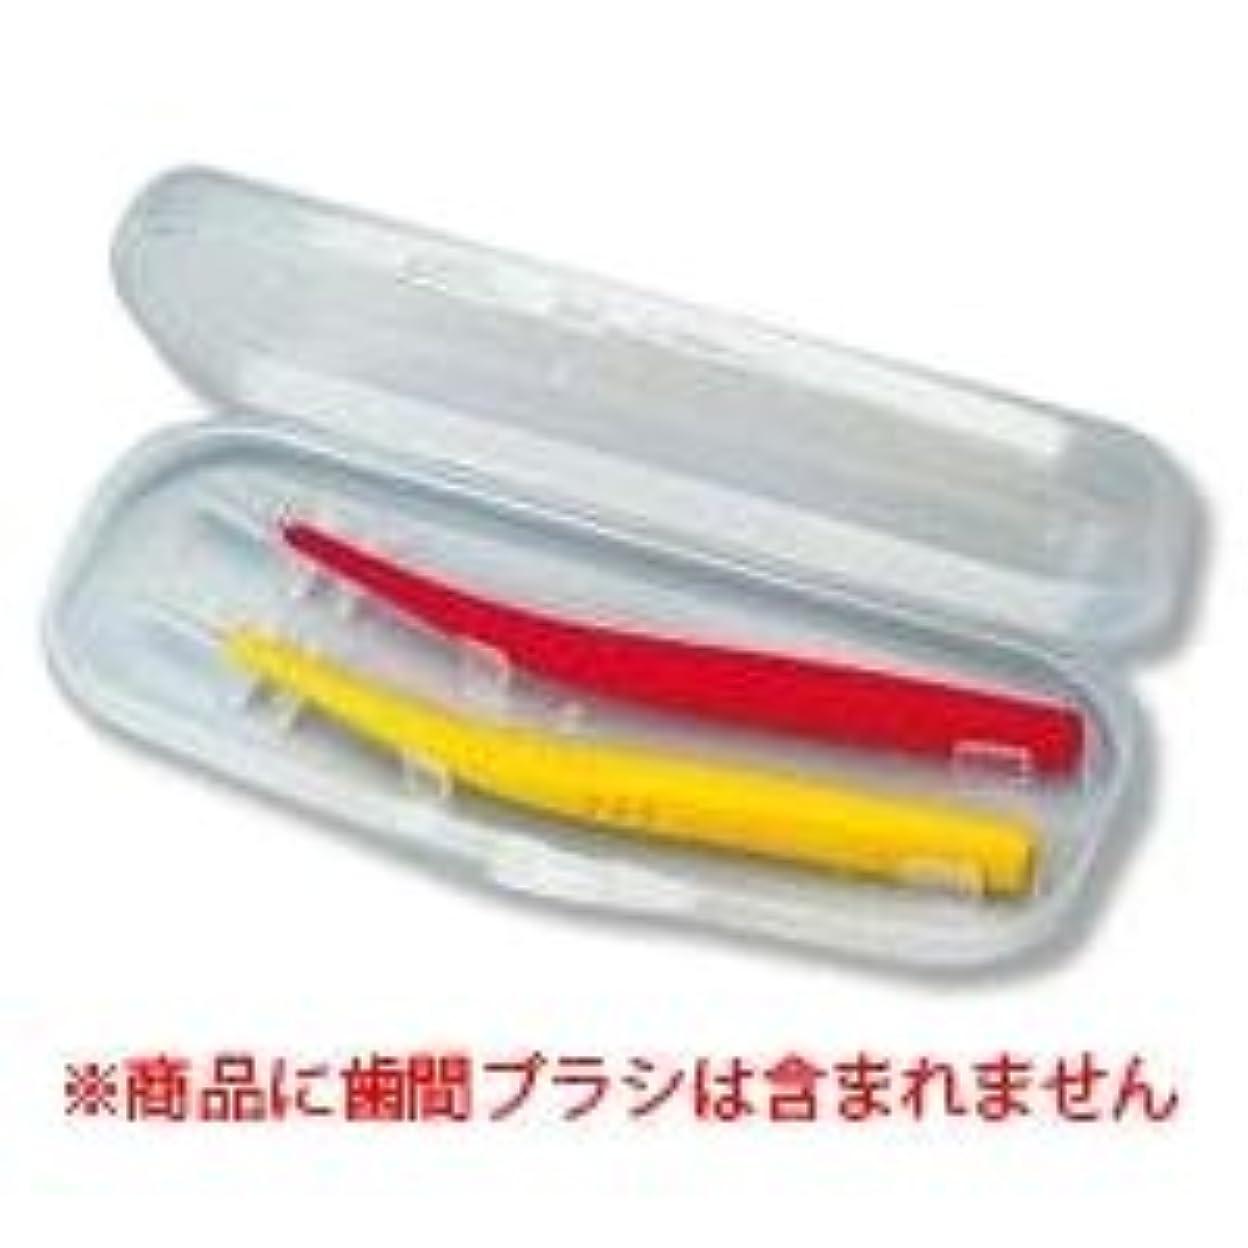 必要ないスリット必要ない【ジーシー(GC)】【歯科用】プロスペック歯間ブラシ カーブ ケース 1個【歯間ブラシケース】